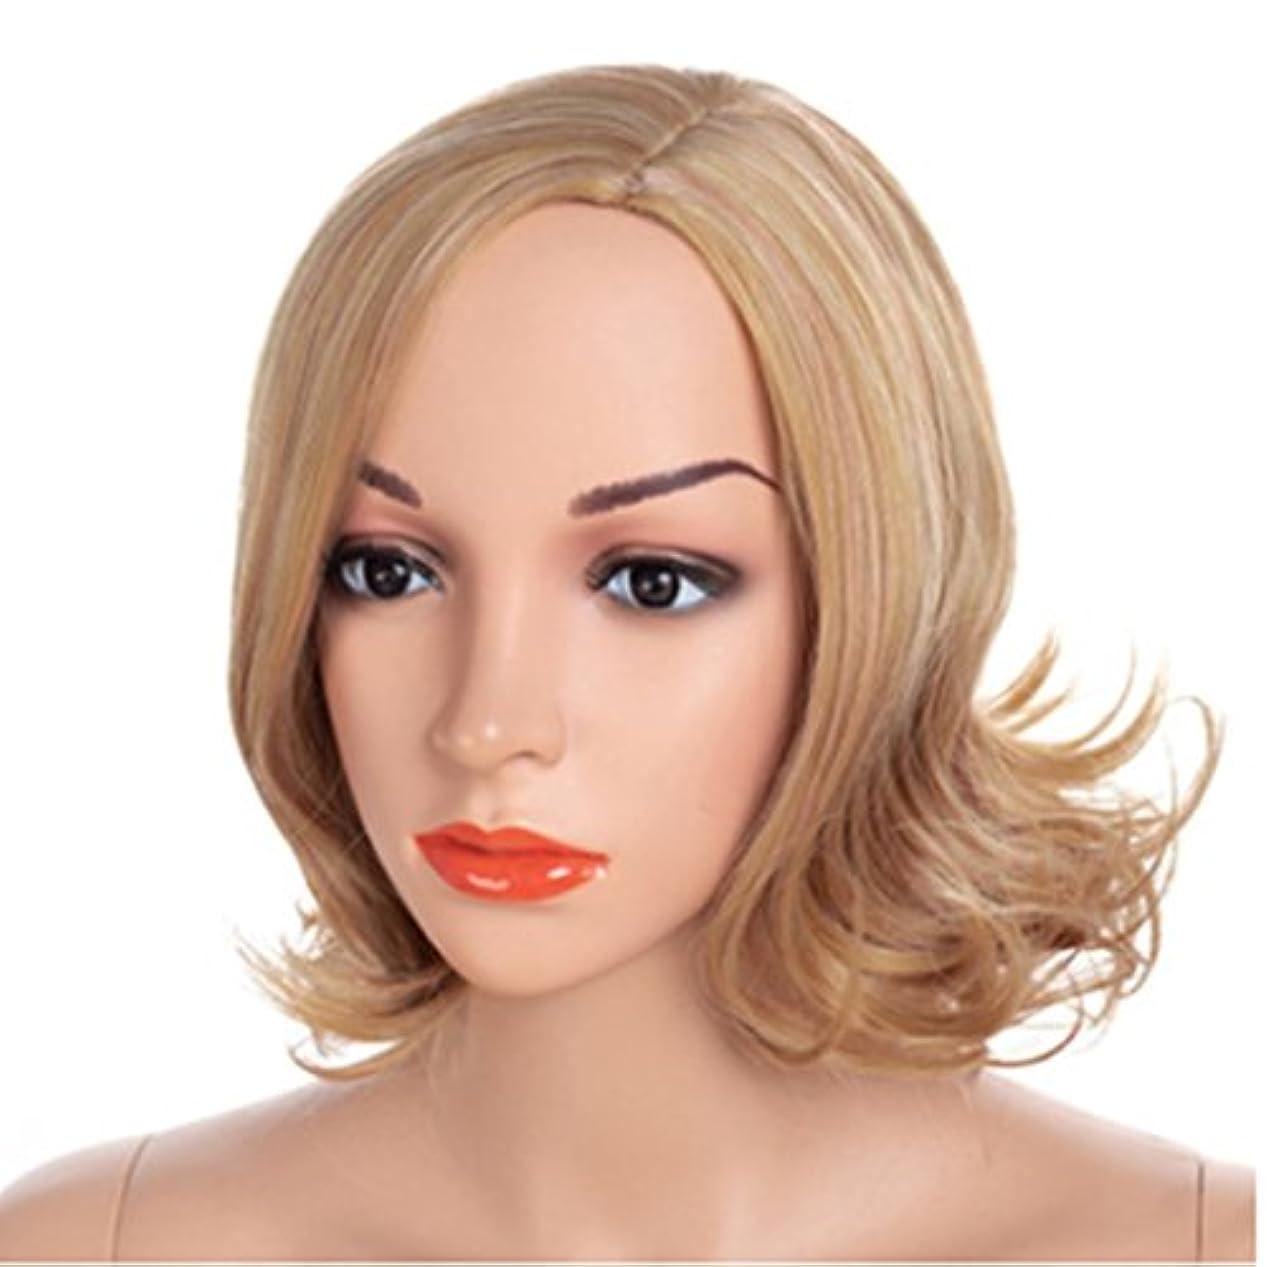 簡単に守る揮発性YOUQIU 顔ウィッグで変更することができ黄金の髪の色とAウィッグ髪型の40センチメートル女性のかつら髪型メッシー伐採 (色 : ゴールド)